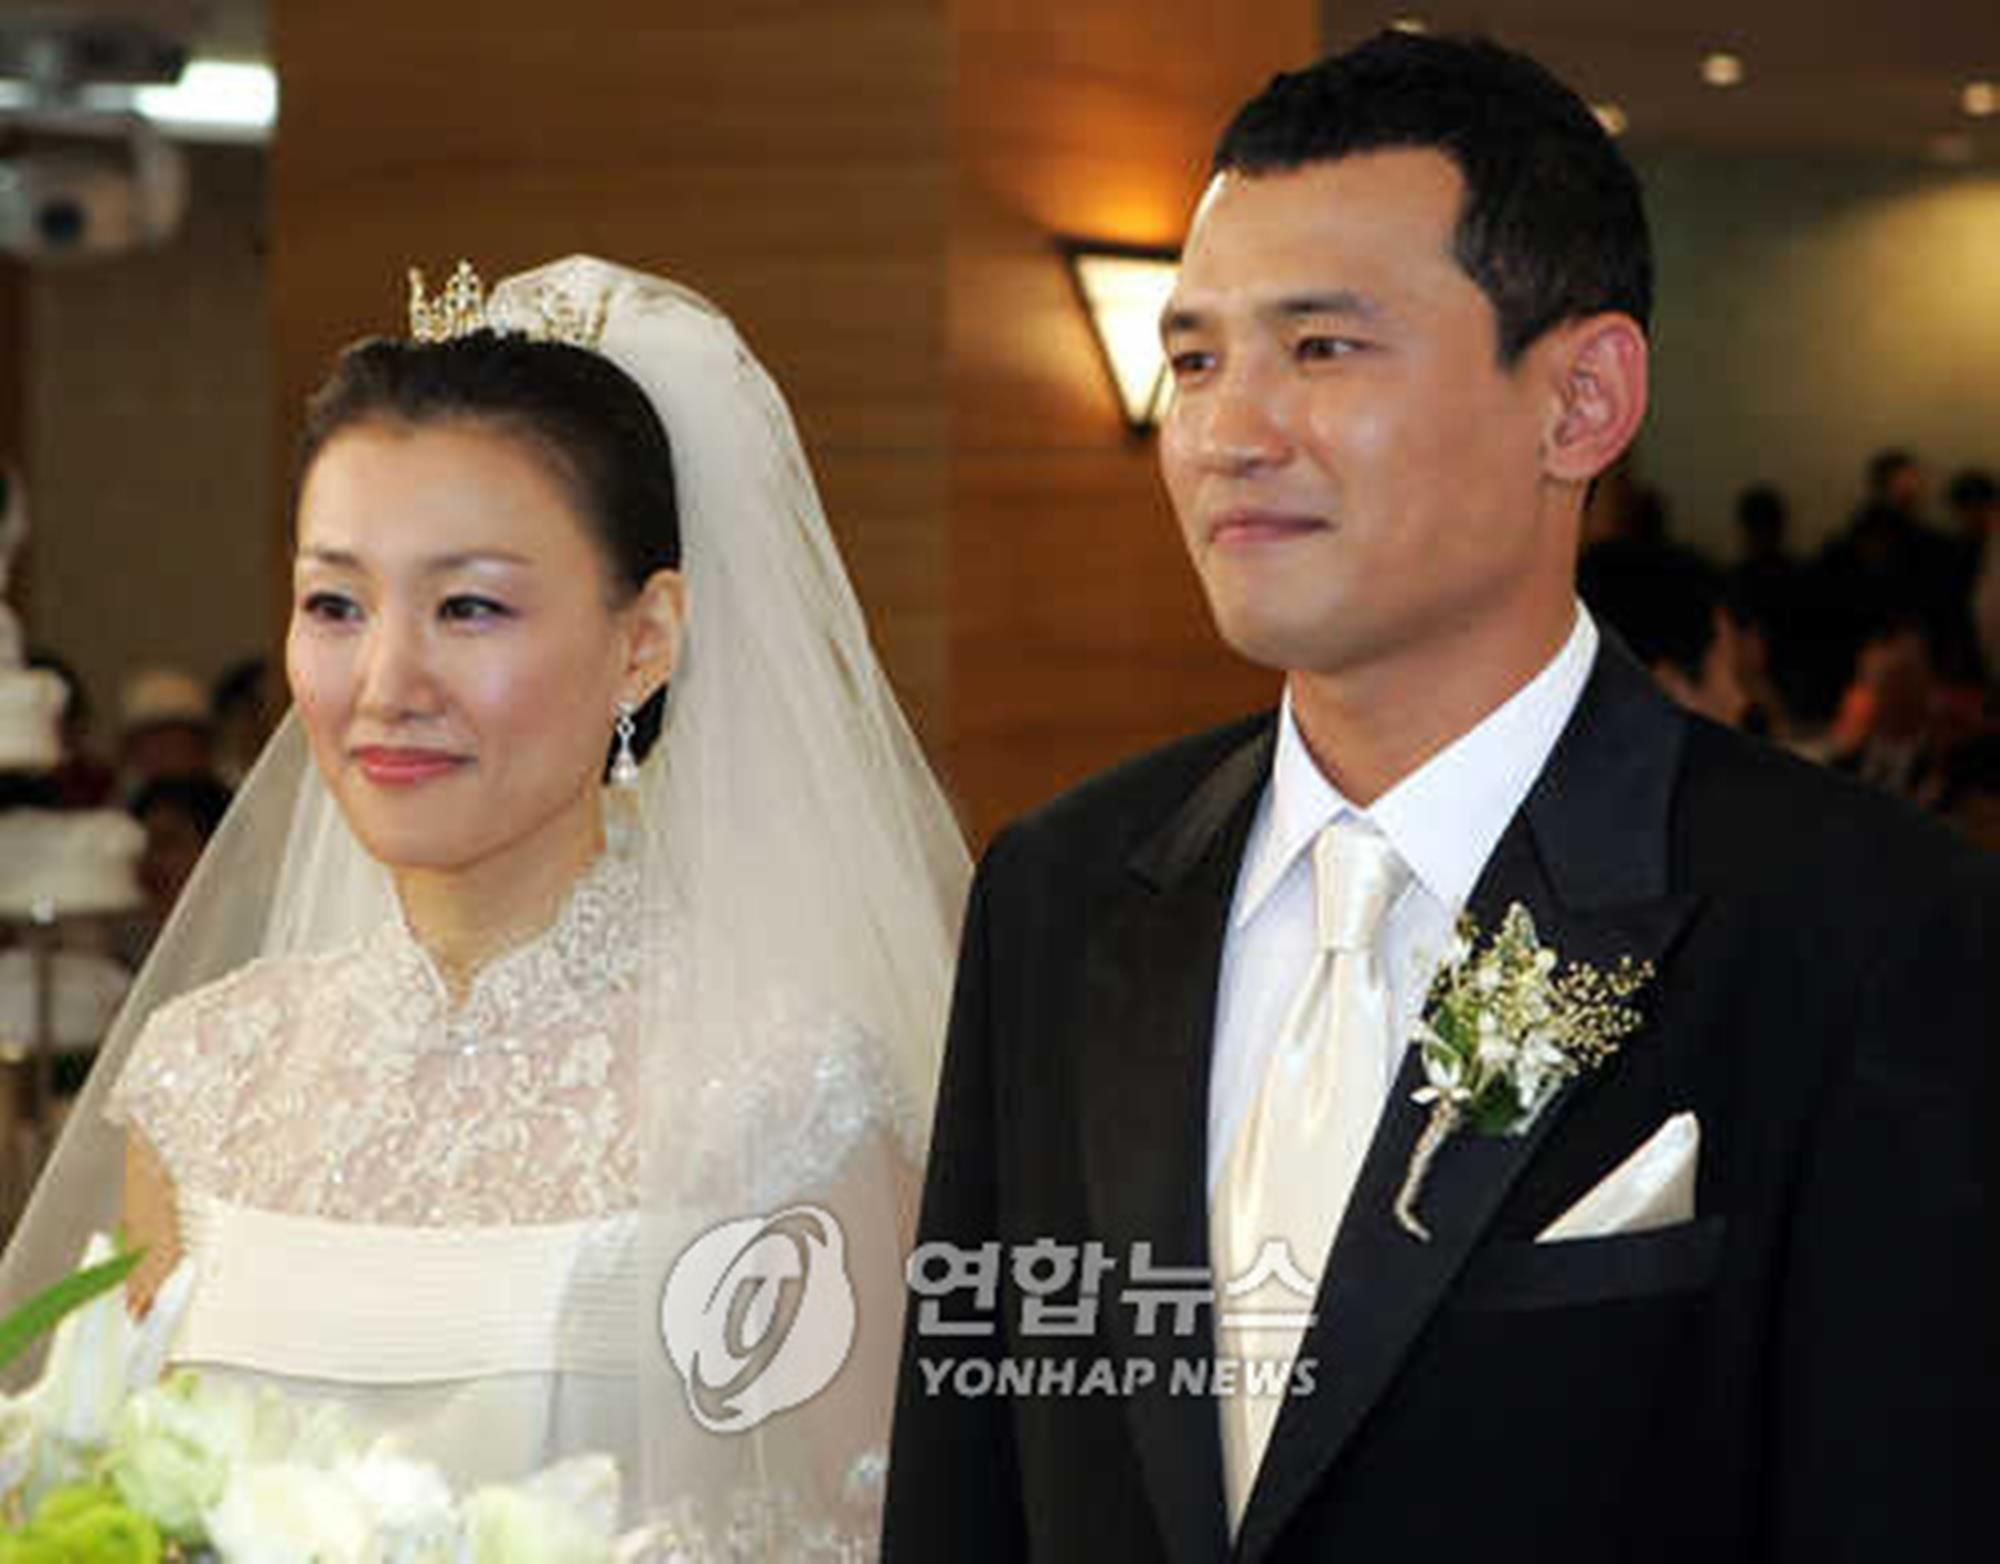 Хван Чон Мин и Ким Юн Хэ